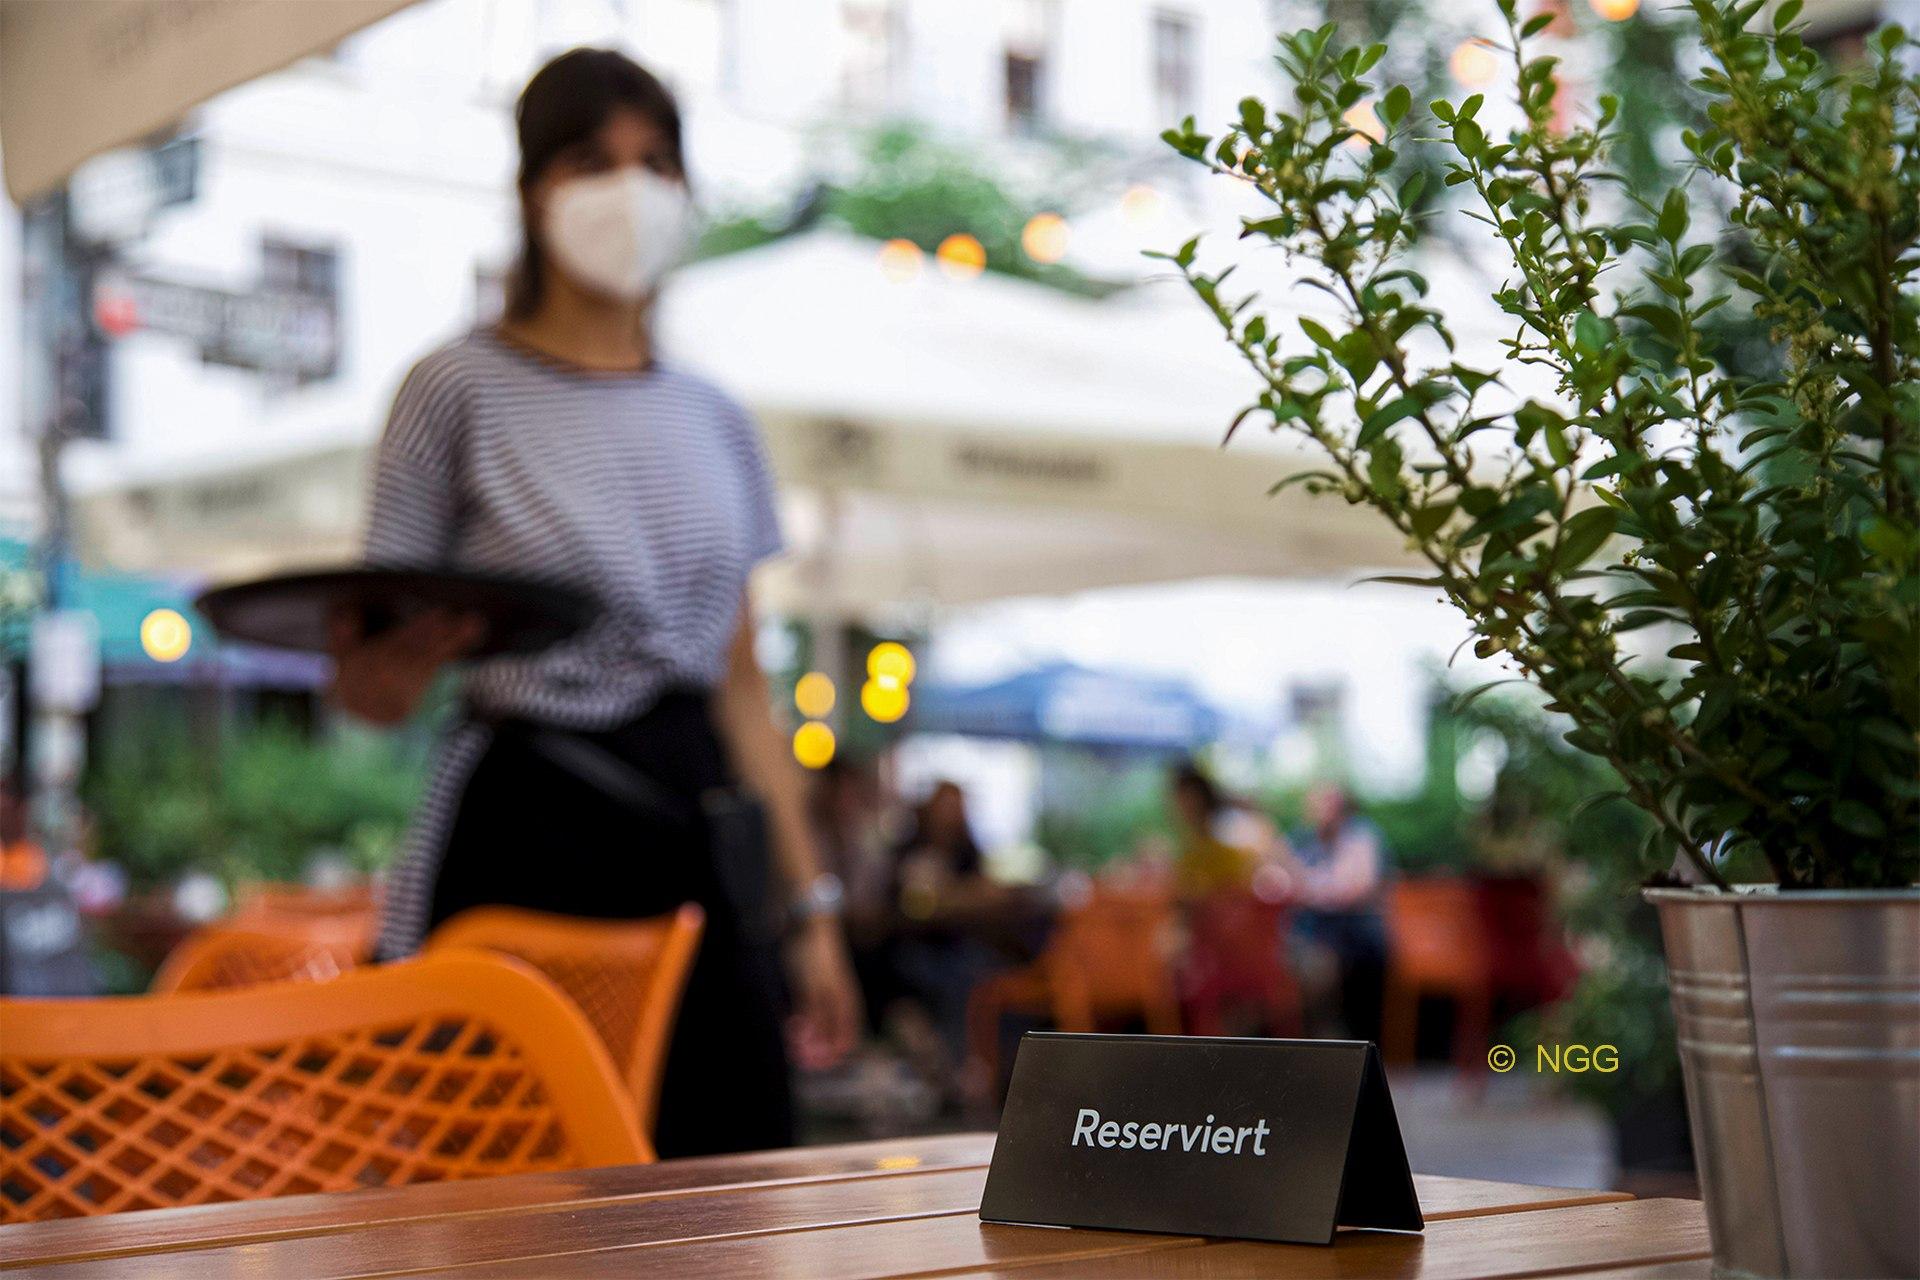 Gewerkschaft fordert bessere Arbeitsbedingungen in Hotels und Gaststätten